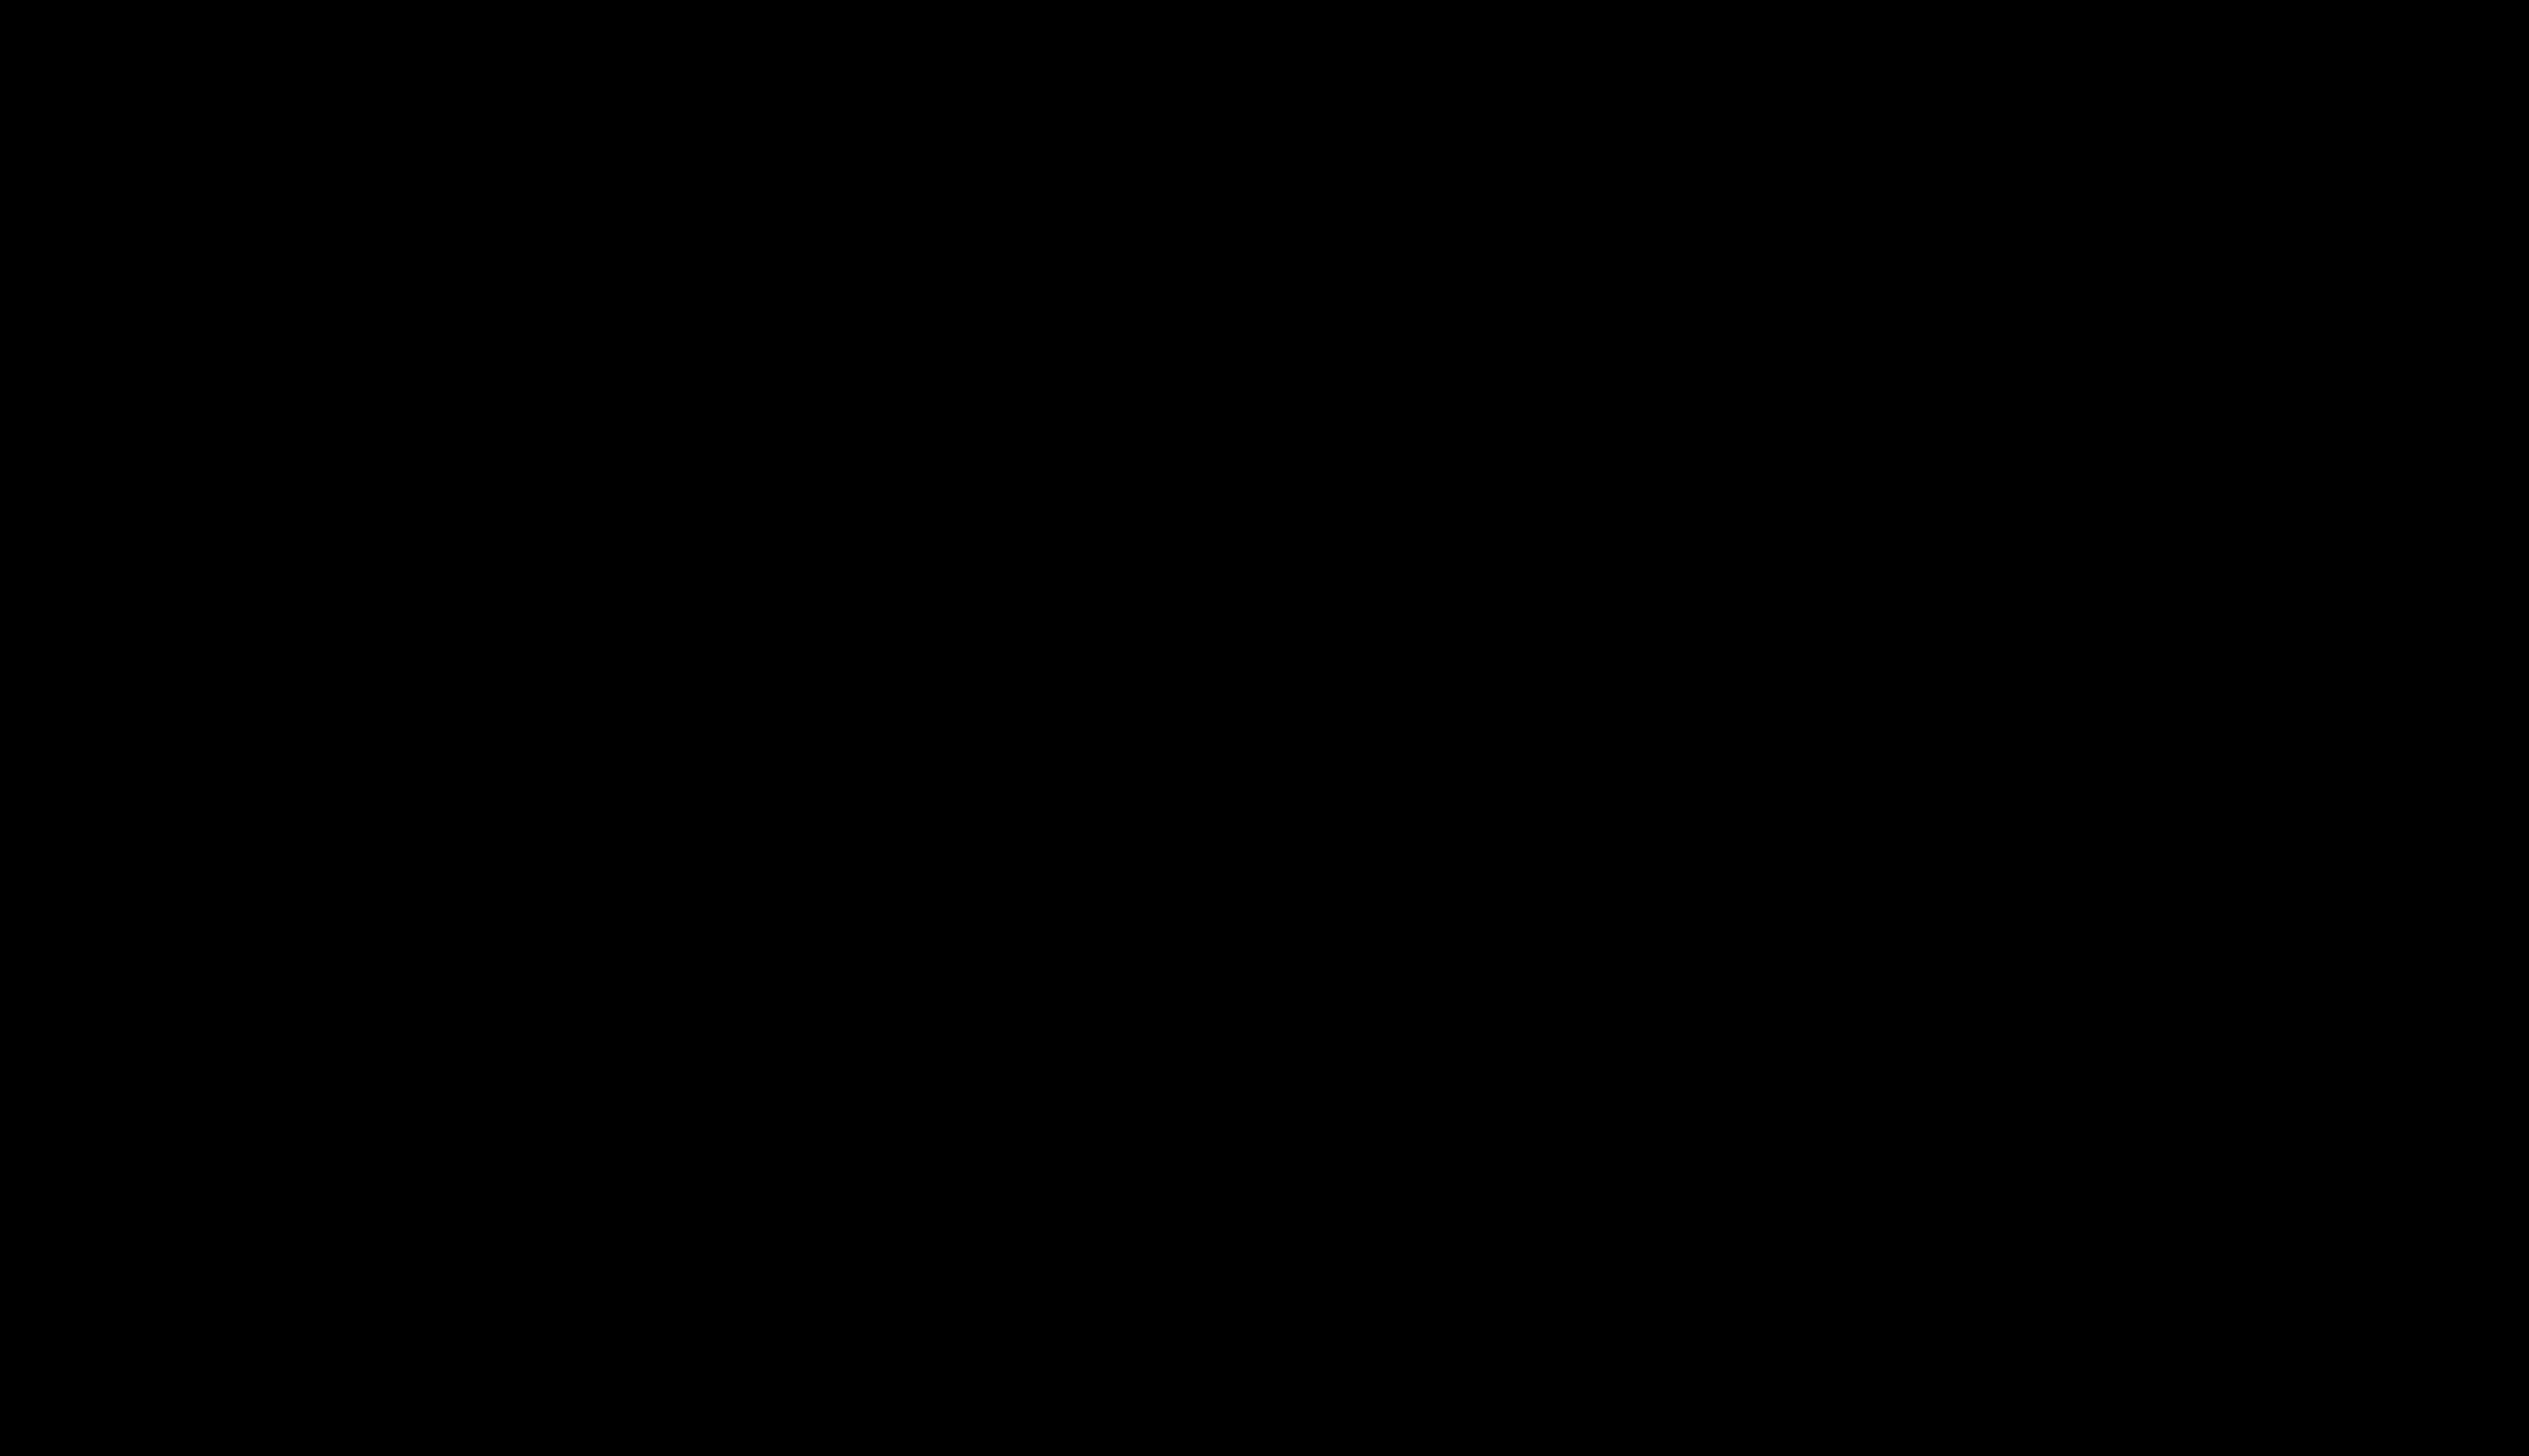 Требуется, разработка логотипа для крафт-кафе «ВЖАРИМ». фото f_7886018232a0bbd4.jpg